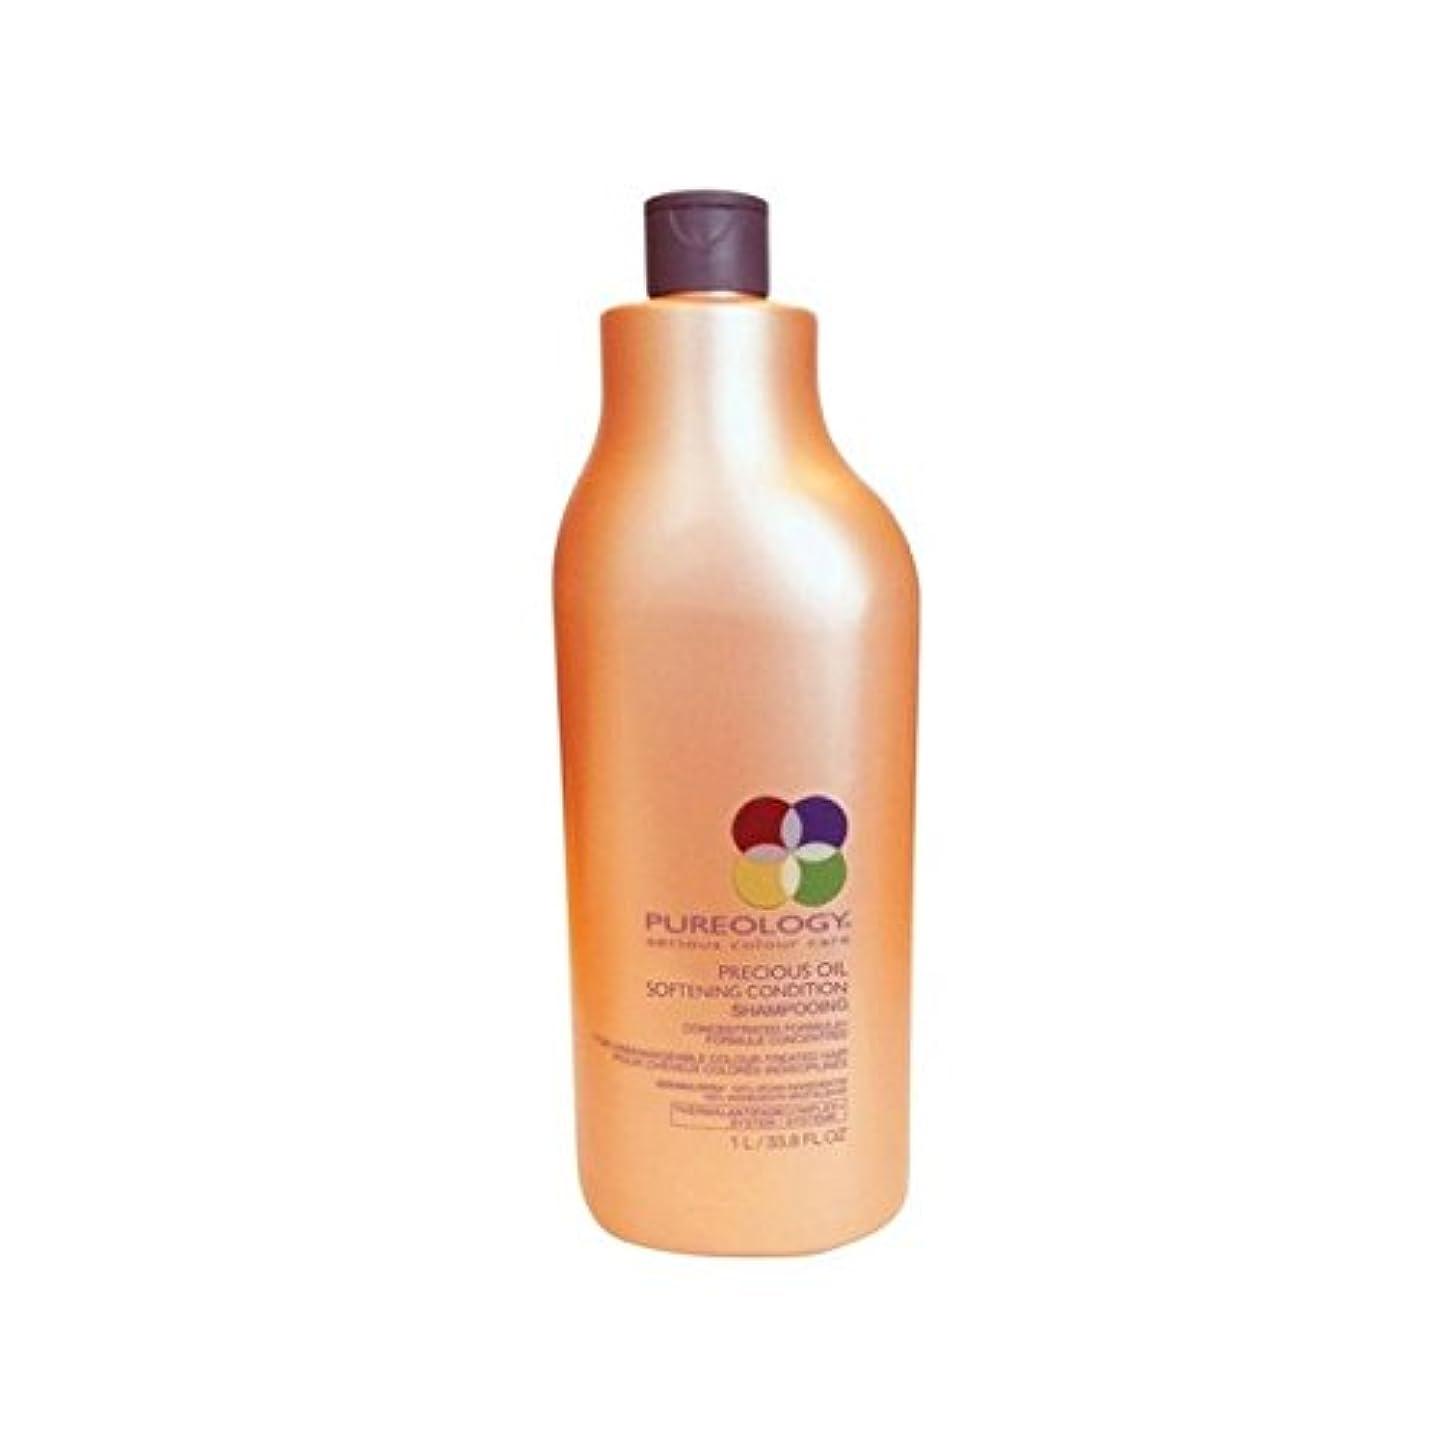 ワット聡明苦い貴重なオイルコンディショナー(千ミリリットル) x2 - Pureology Precious Oil Conditioner (1000ml) (Pack of 2) [並行輸入品]